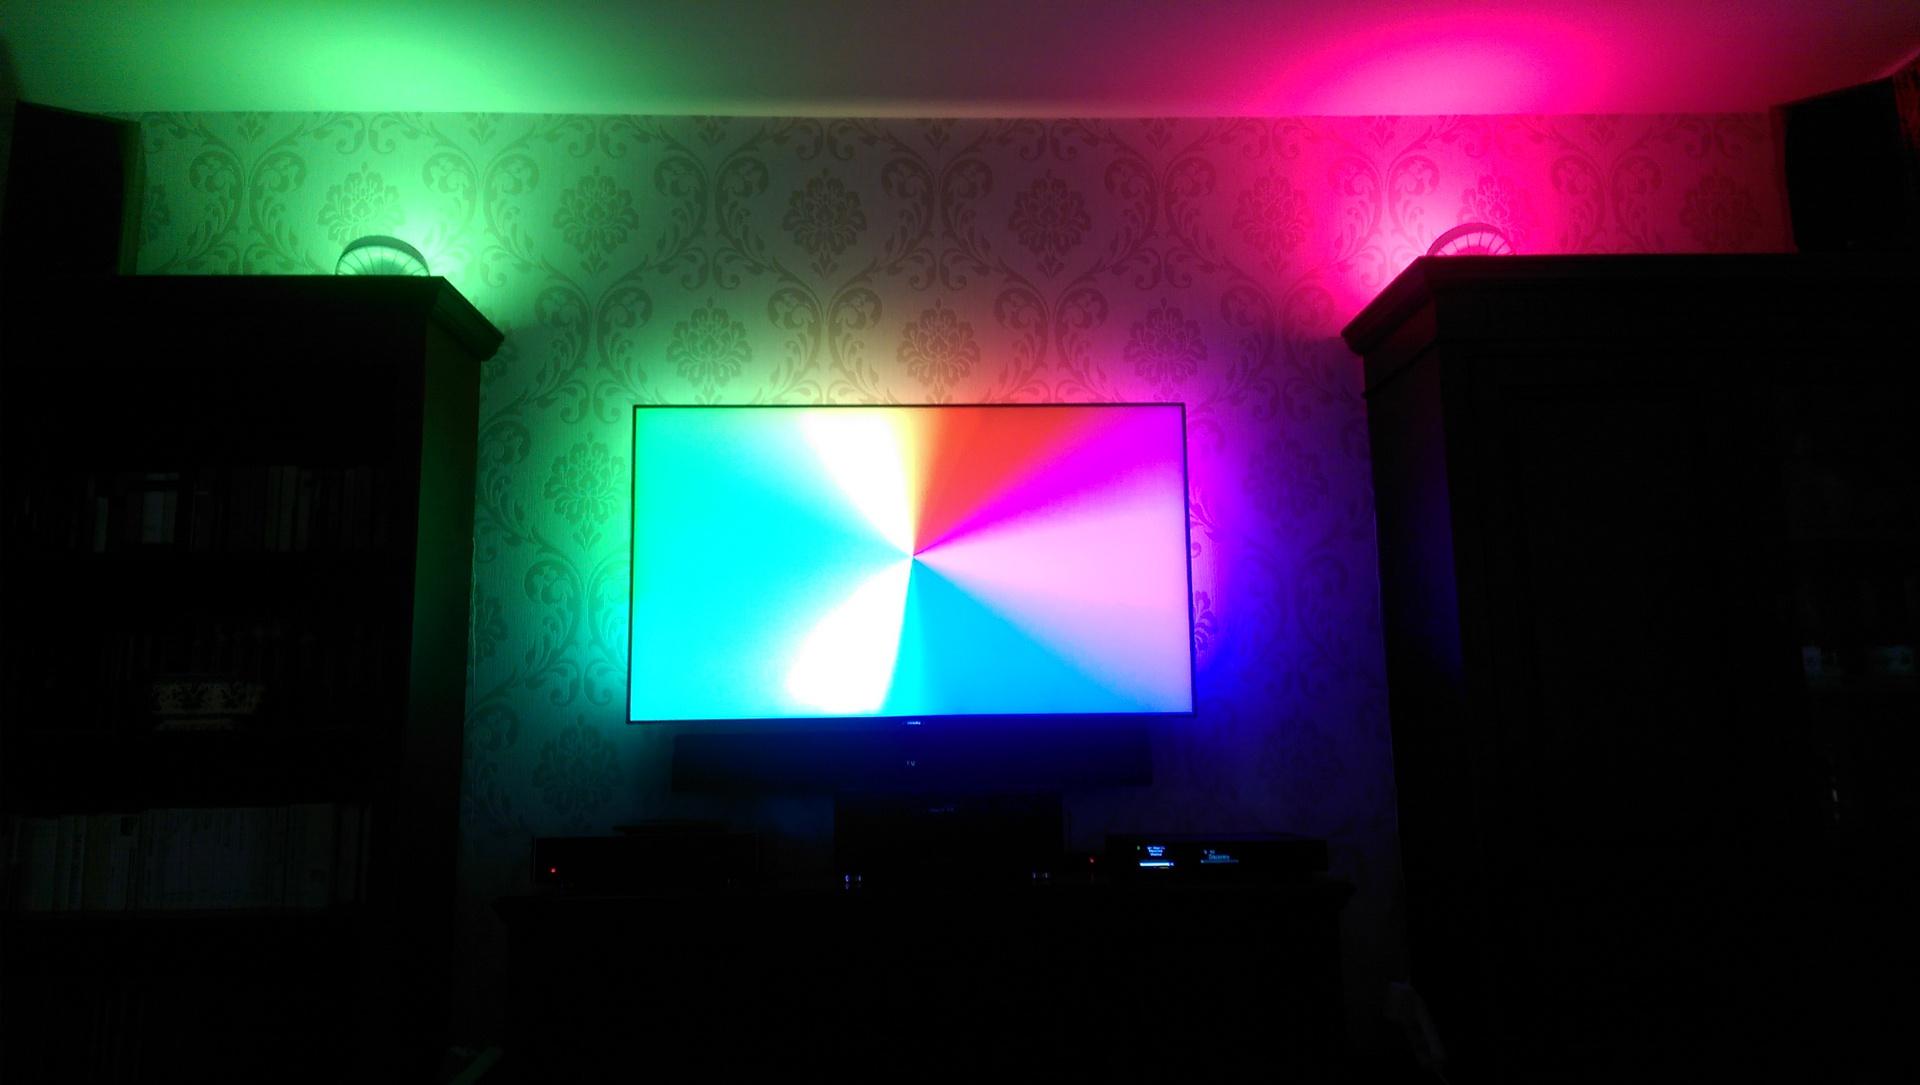 2 philips living colors iris mit 55pus7600 55pus7600 colors iris living philips hifi. Black Bedroom Furniture Sets. Home Design Ideas